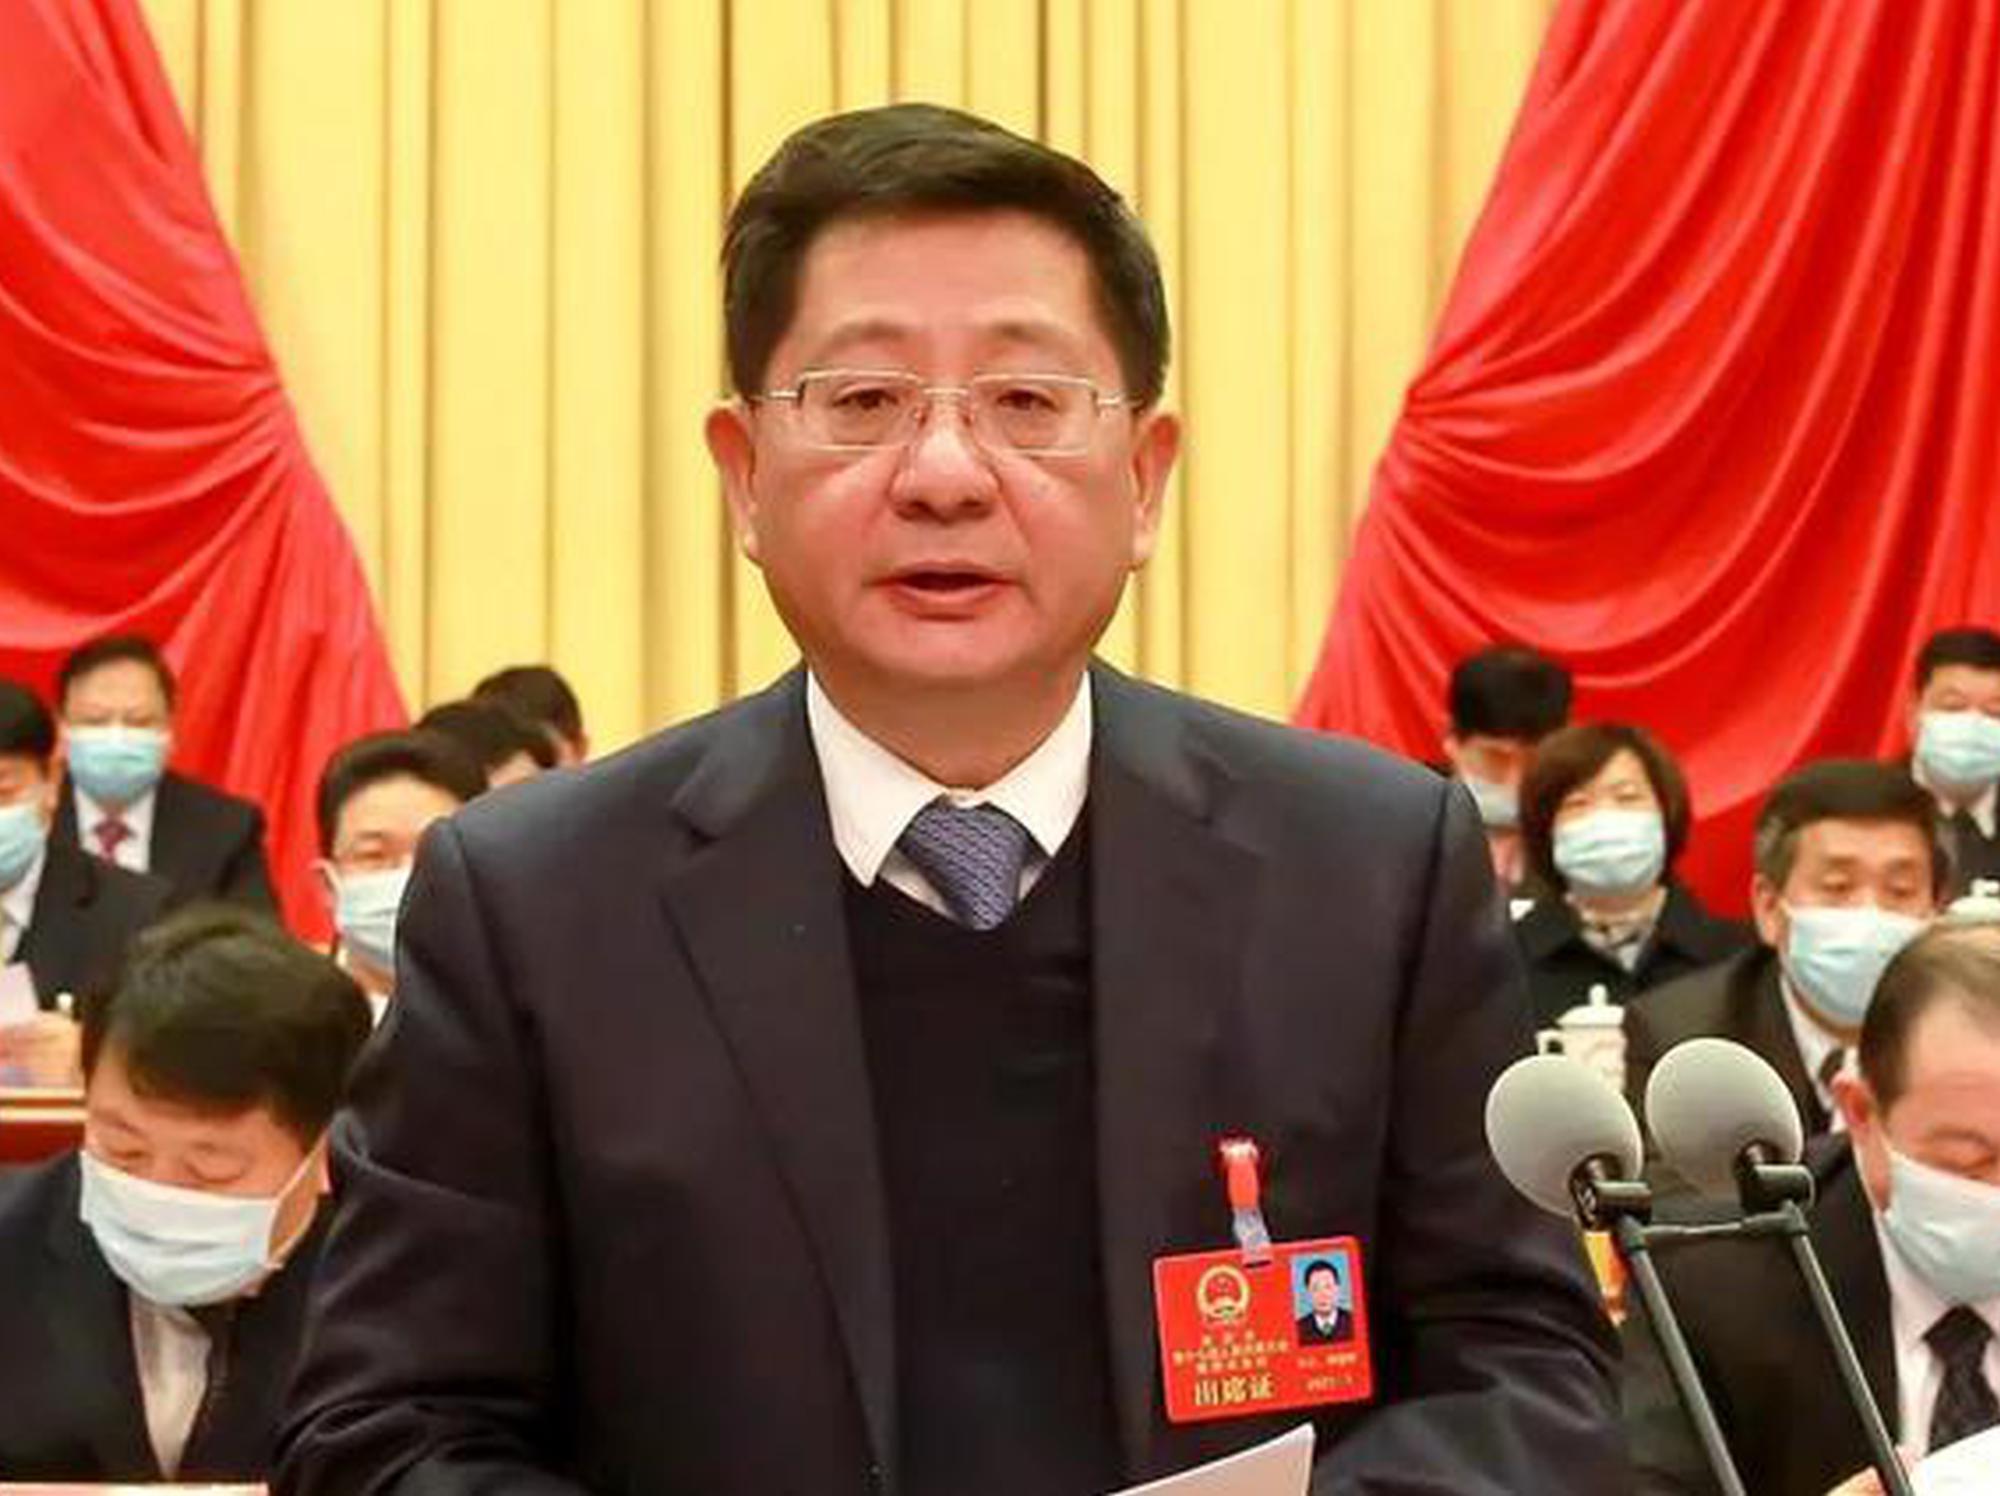 http://ah.sina.com.cn/news/2021-01-22/detail-ikftpnny0625816.shtml